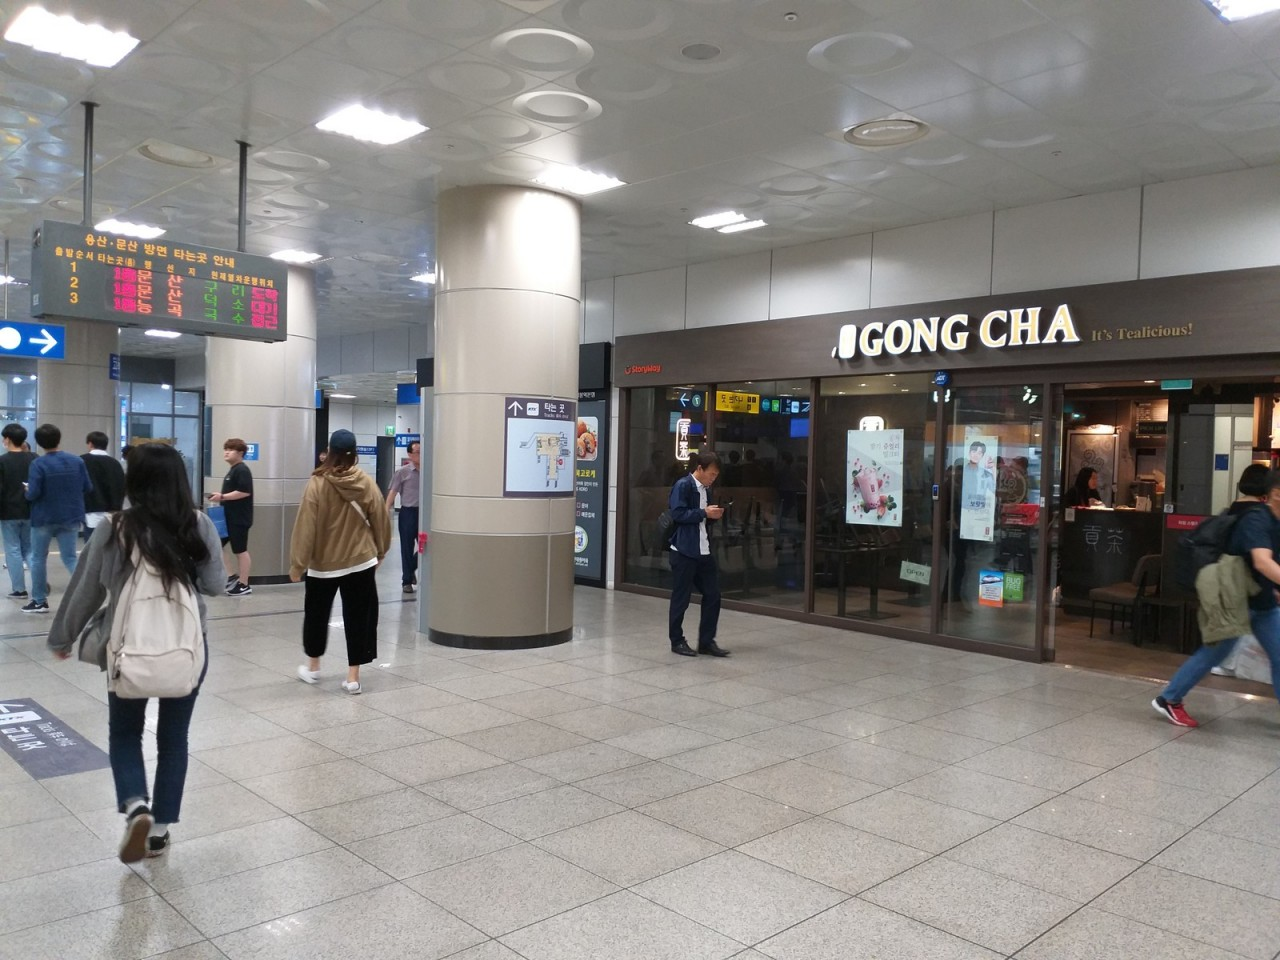 Устройство метро в Южной Корее